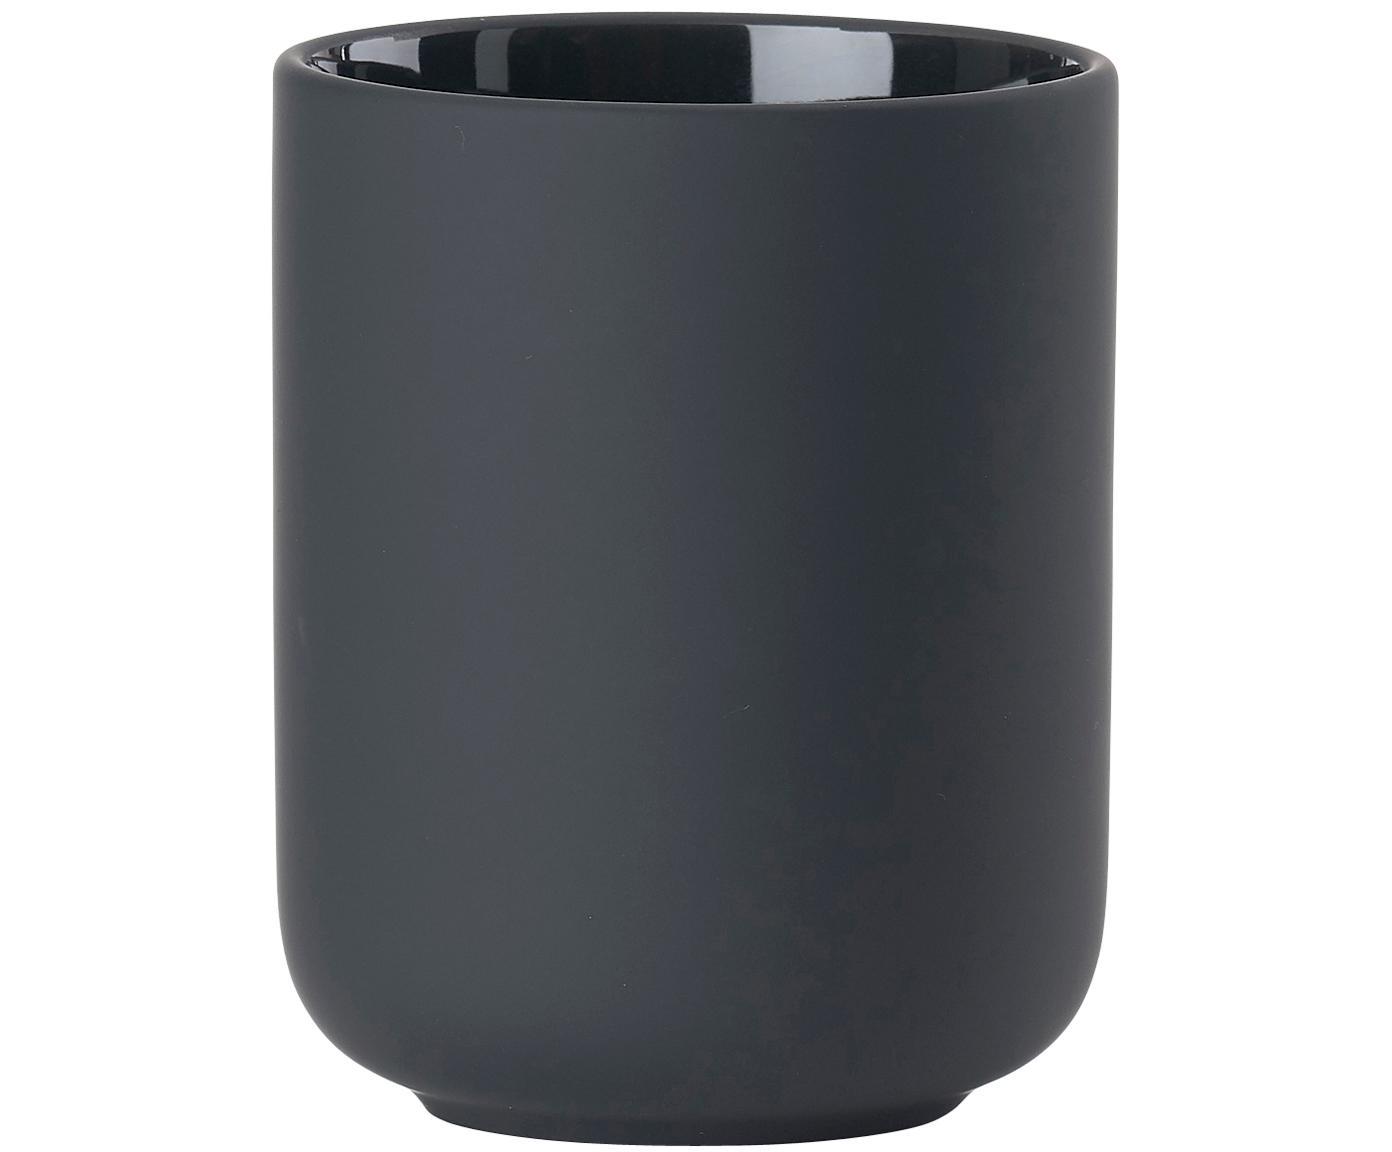 Vaso cepillo de dientes Ume, Gres revestido con superficie de tacto suave (plástico), Negro, Ø 8 x Al 10 cm